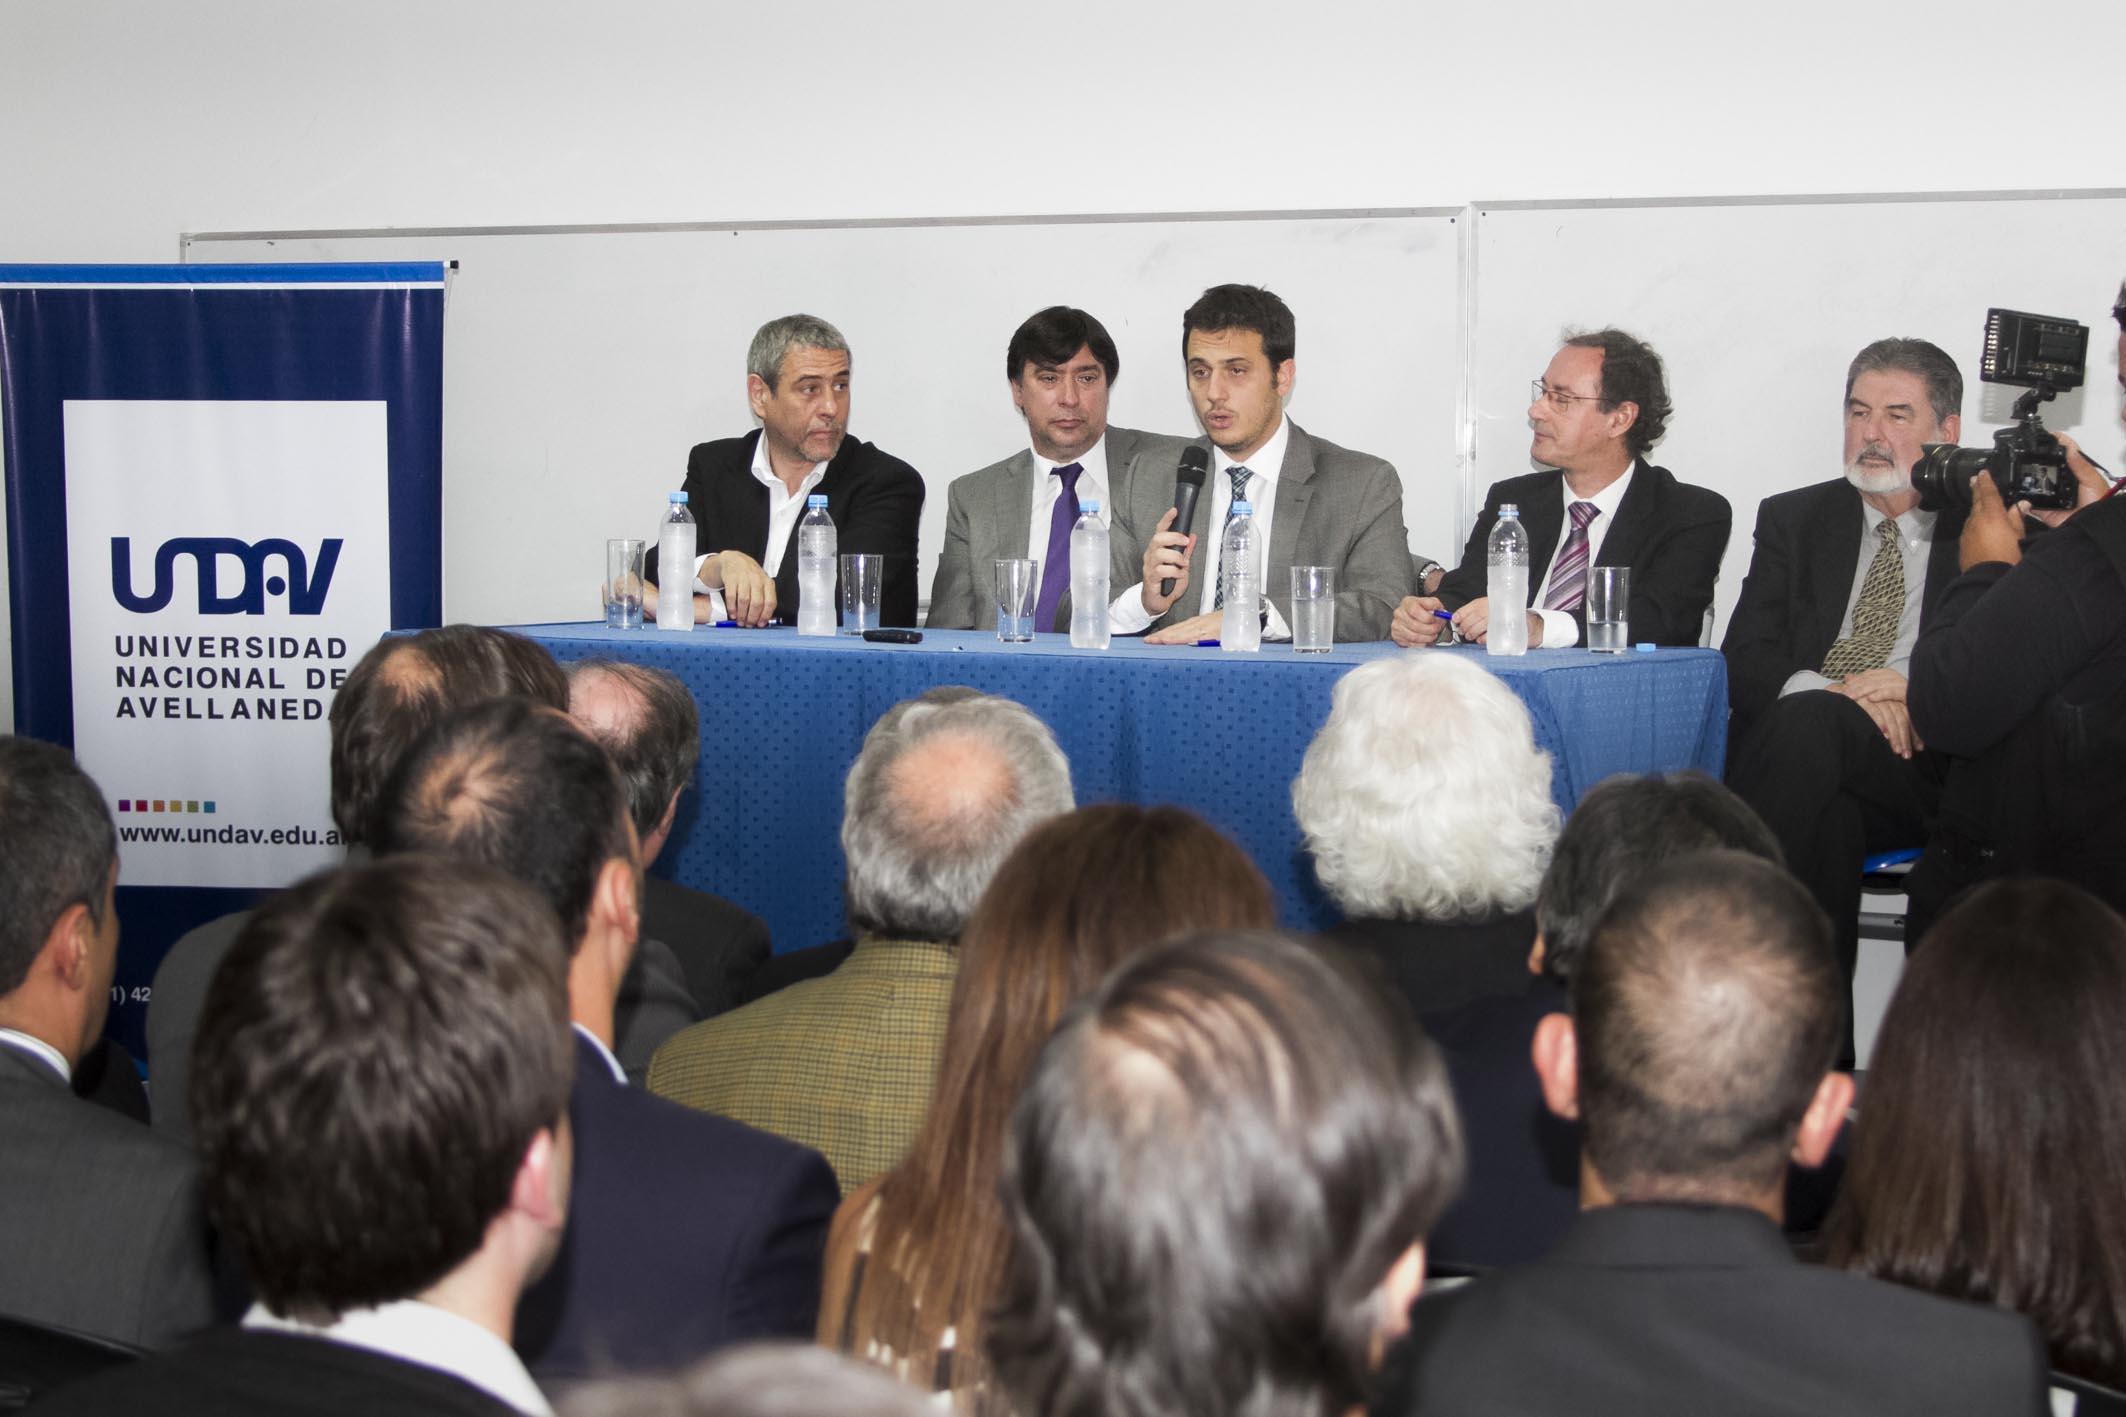 Julián Álvarez participó del lanzamiento de la carrera de Abogacía en la Universidad de Avellaneda